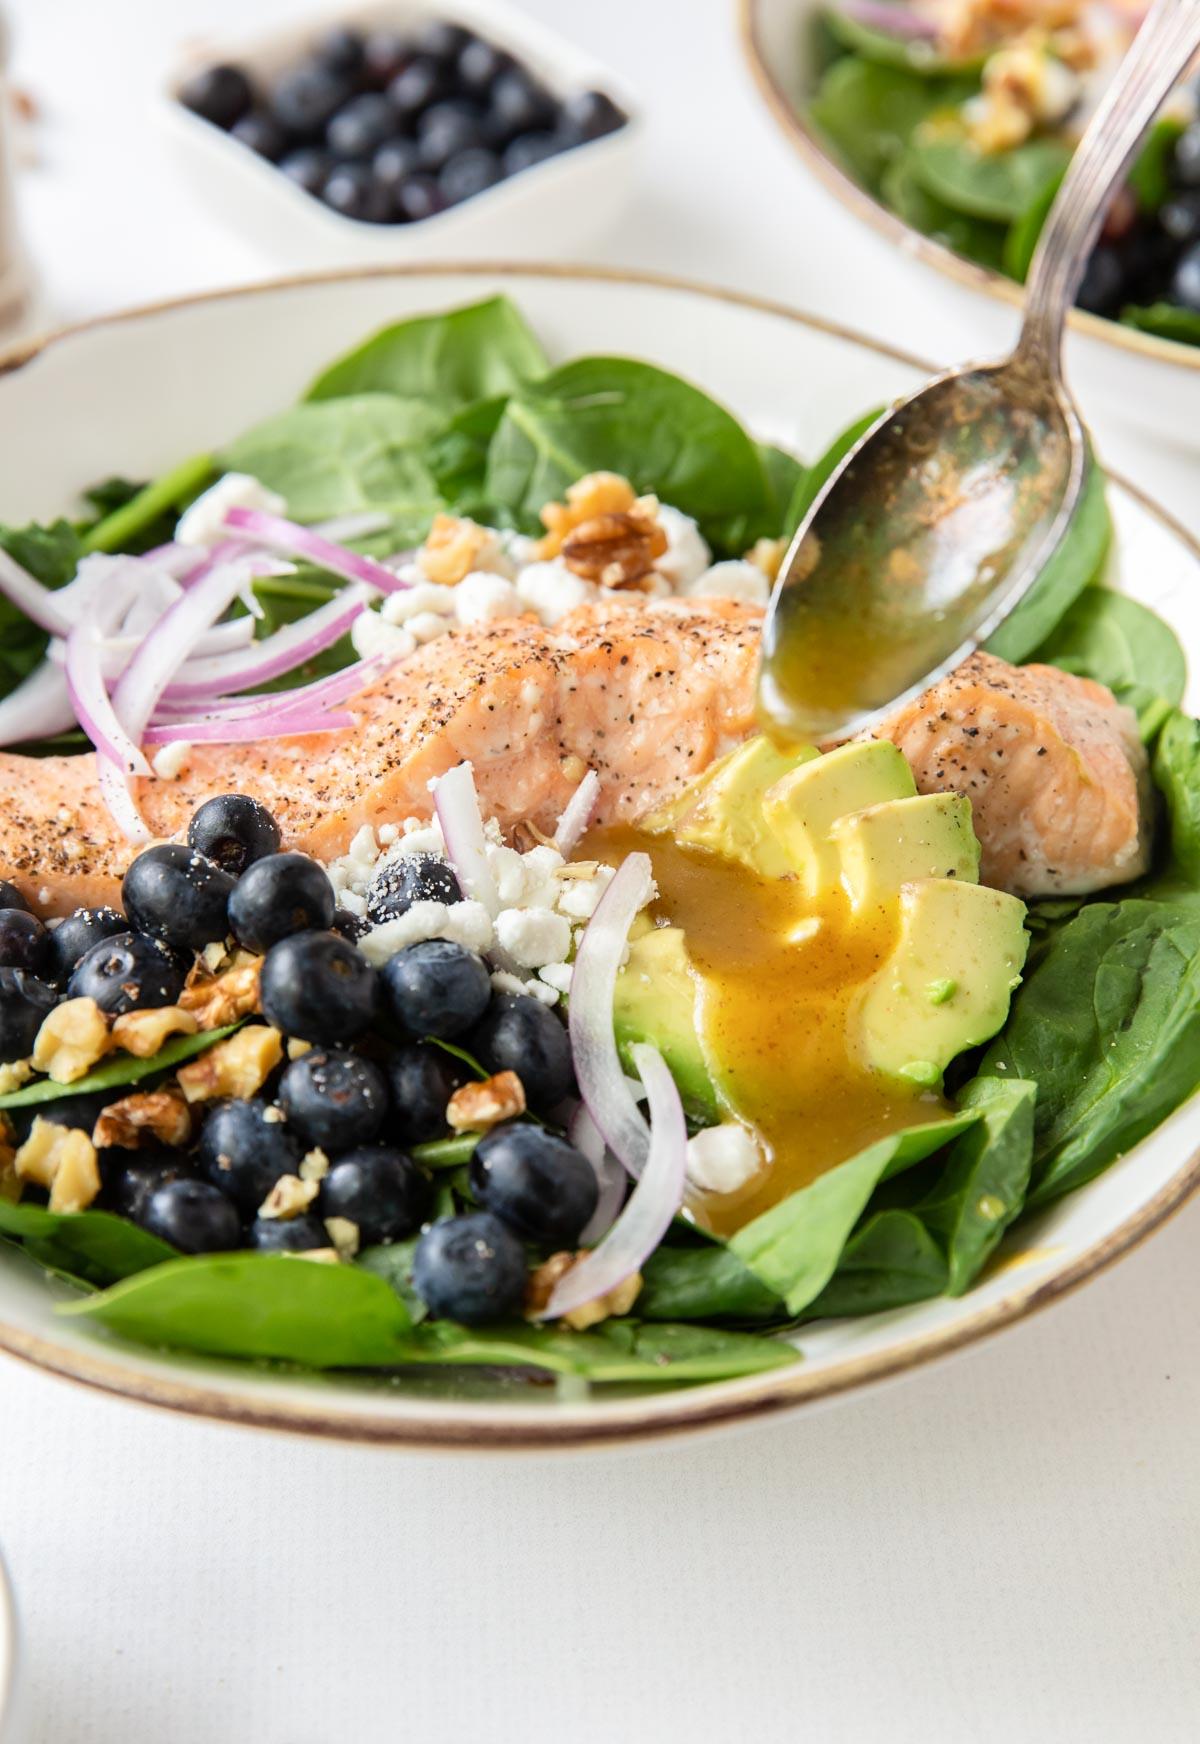 spooning honey mustard dressing onto salmon salad